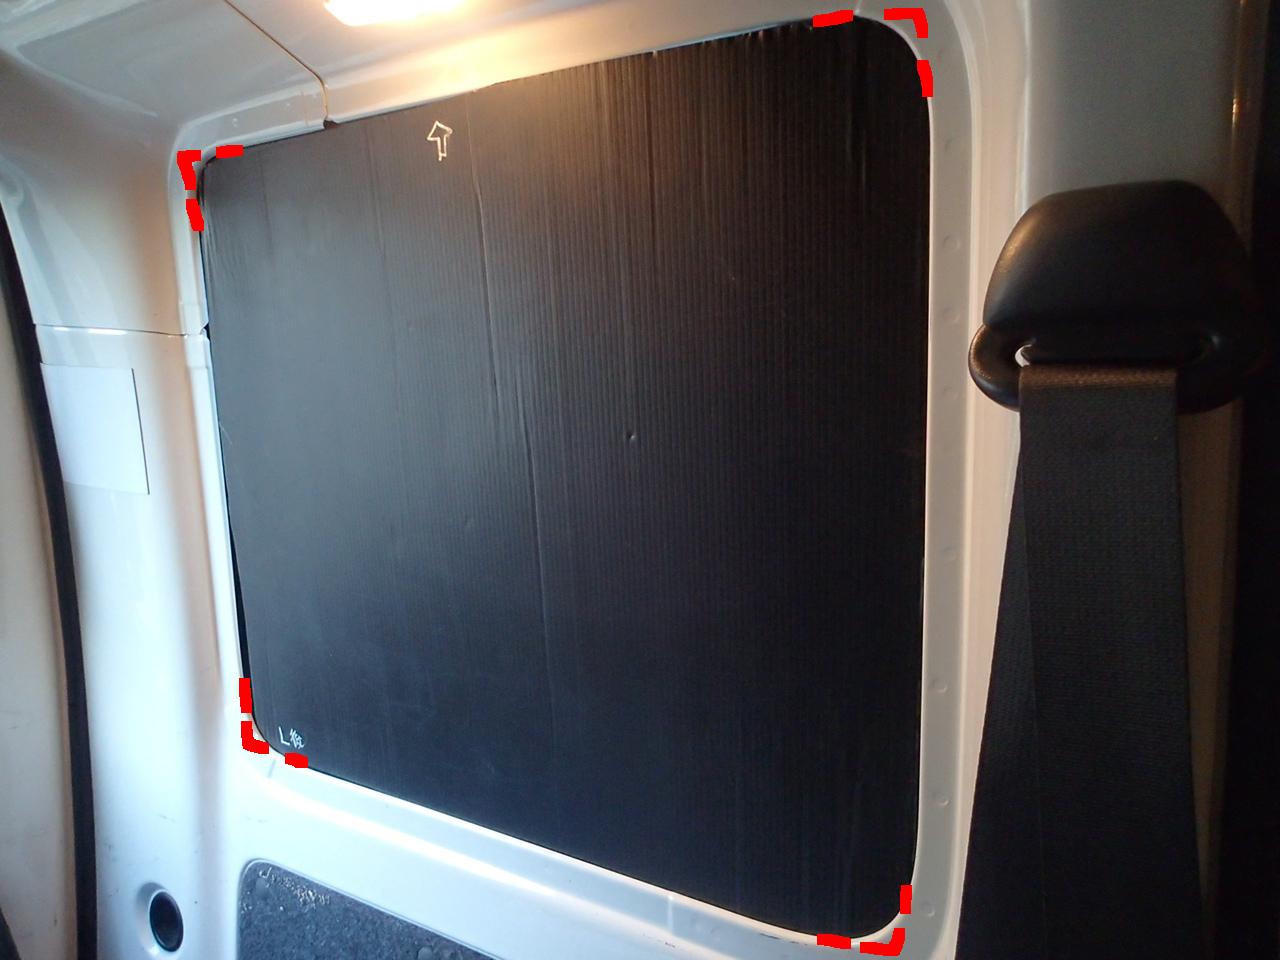 プラダンでリヤガラスの目隠し車中泊荷室サイドのガラス部分